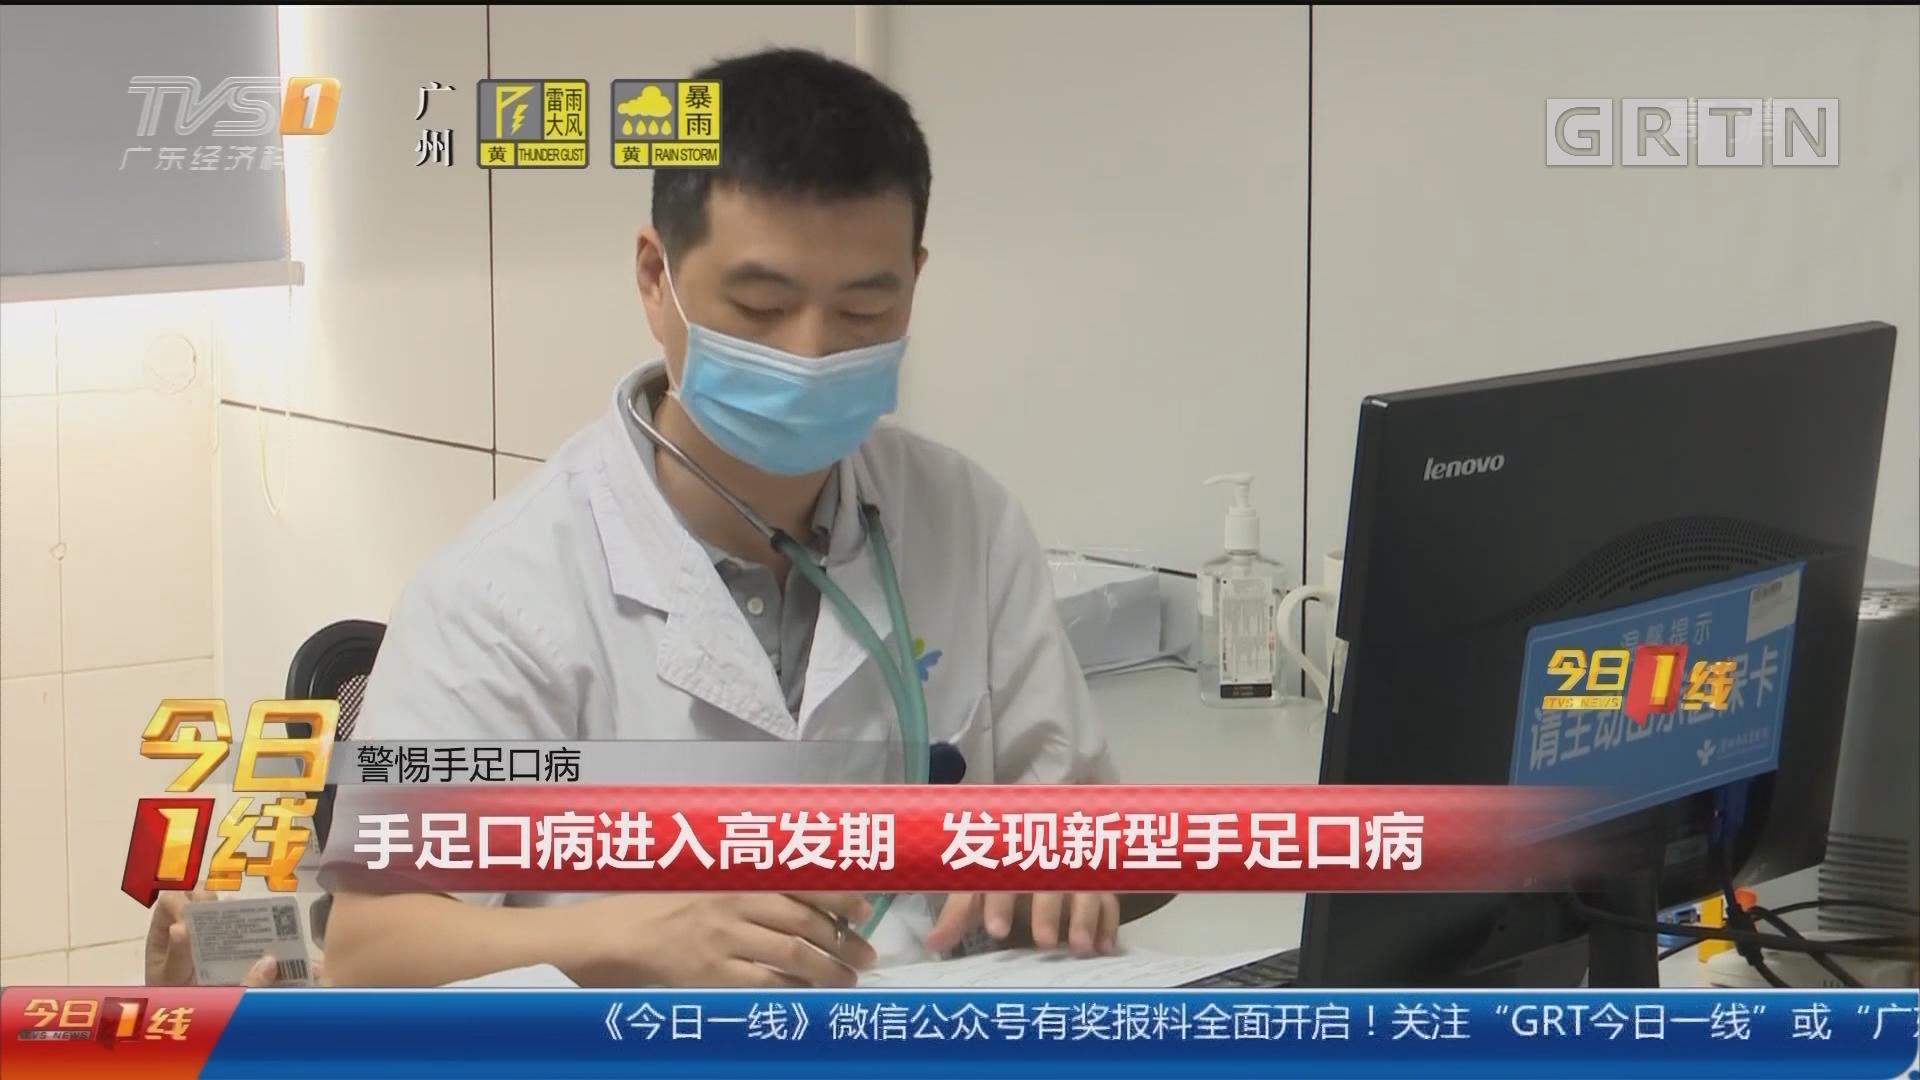 警惕手足口病:手足口病进入高发期 发现新型手足口病